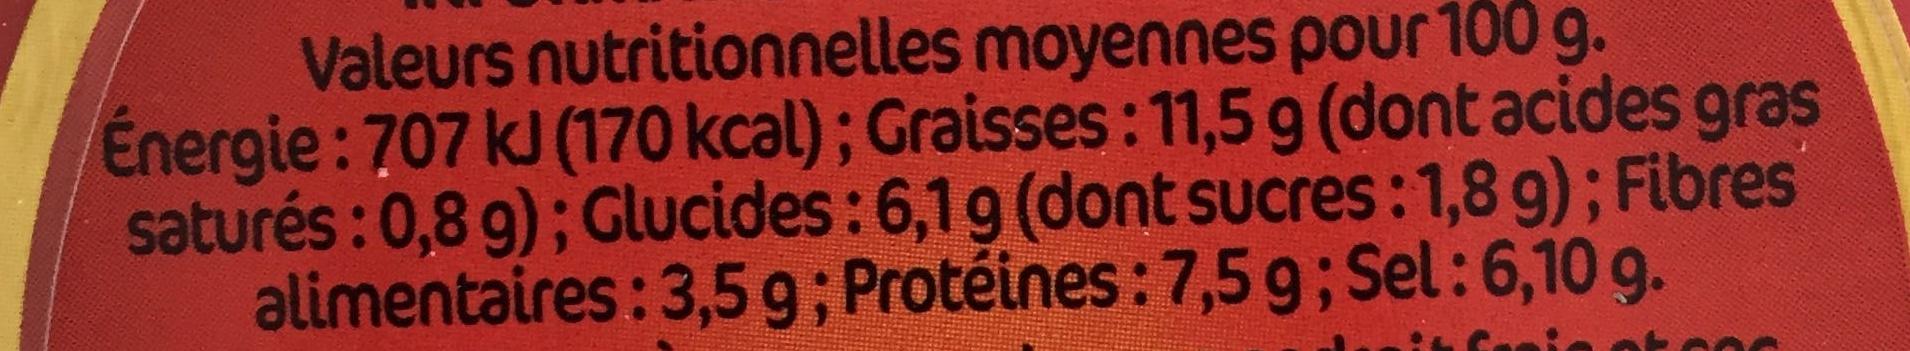 Moutarde de Dijon - verre - Informations nutritionnelles